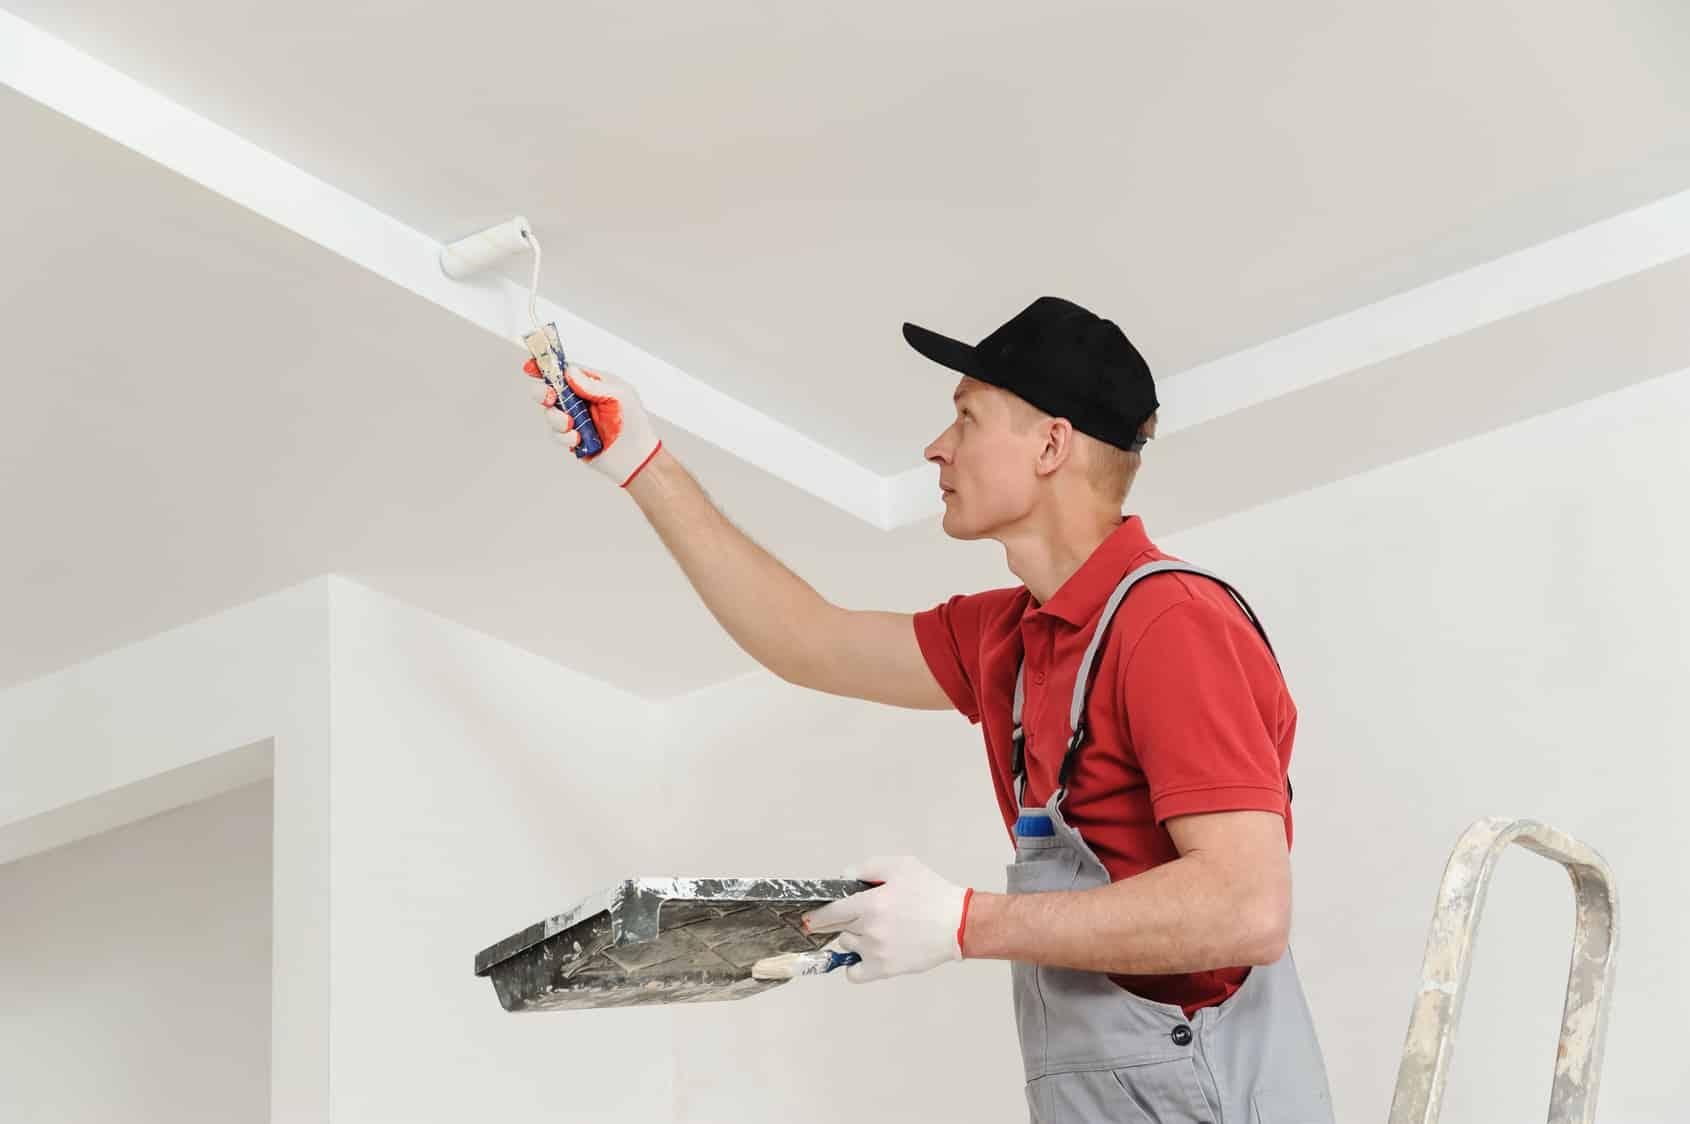 prix de peinture d'un plafond au m² - Combien De Temps Pour Peindre Un Plafond